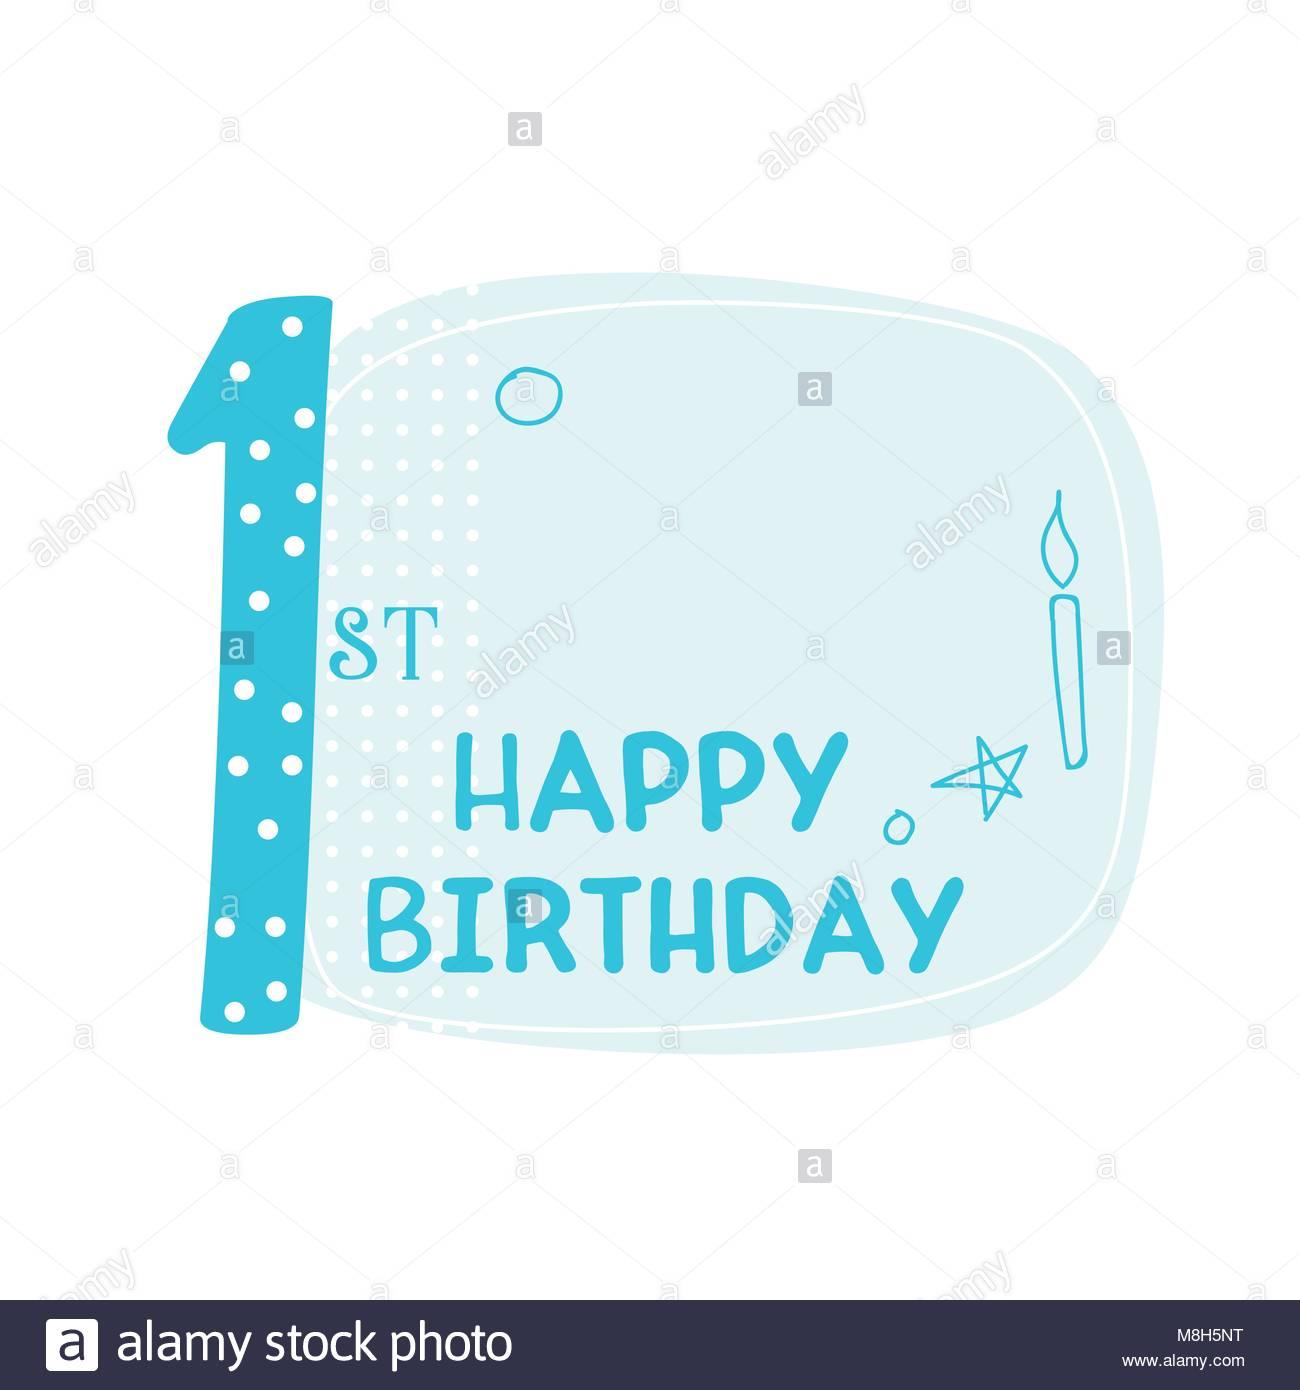 Susse Erste Happy Birthday Card Design